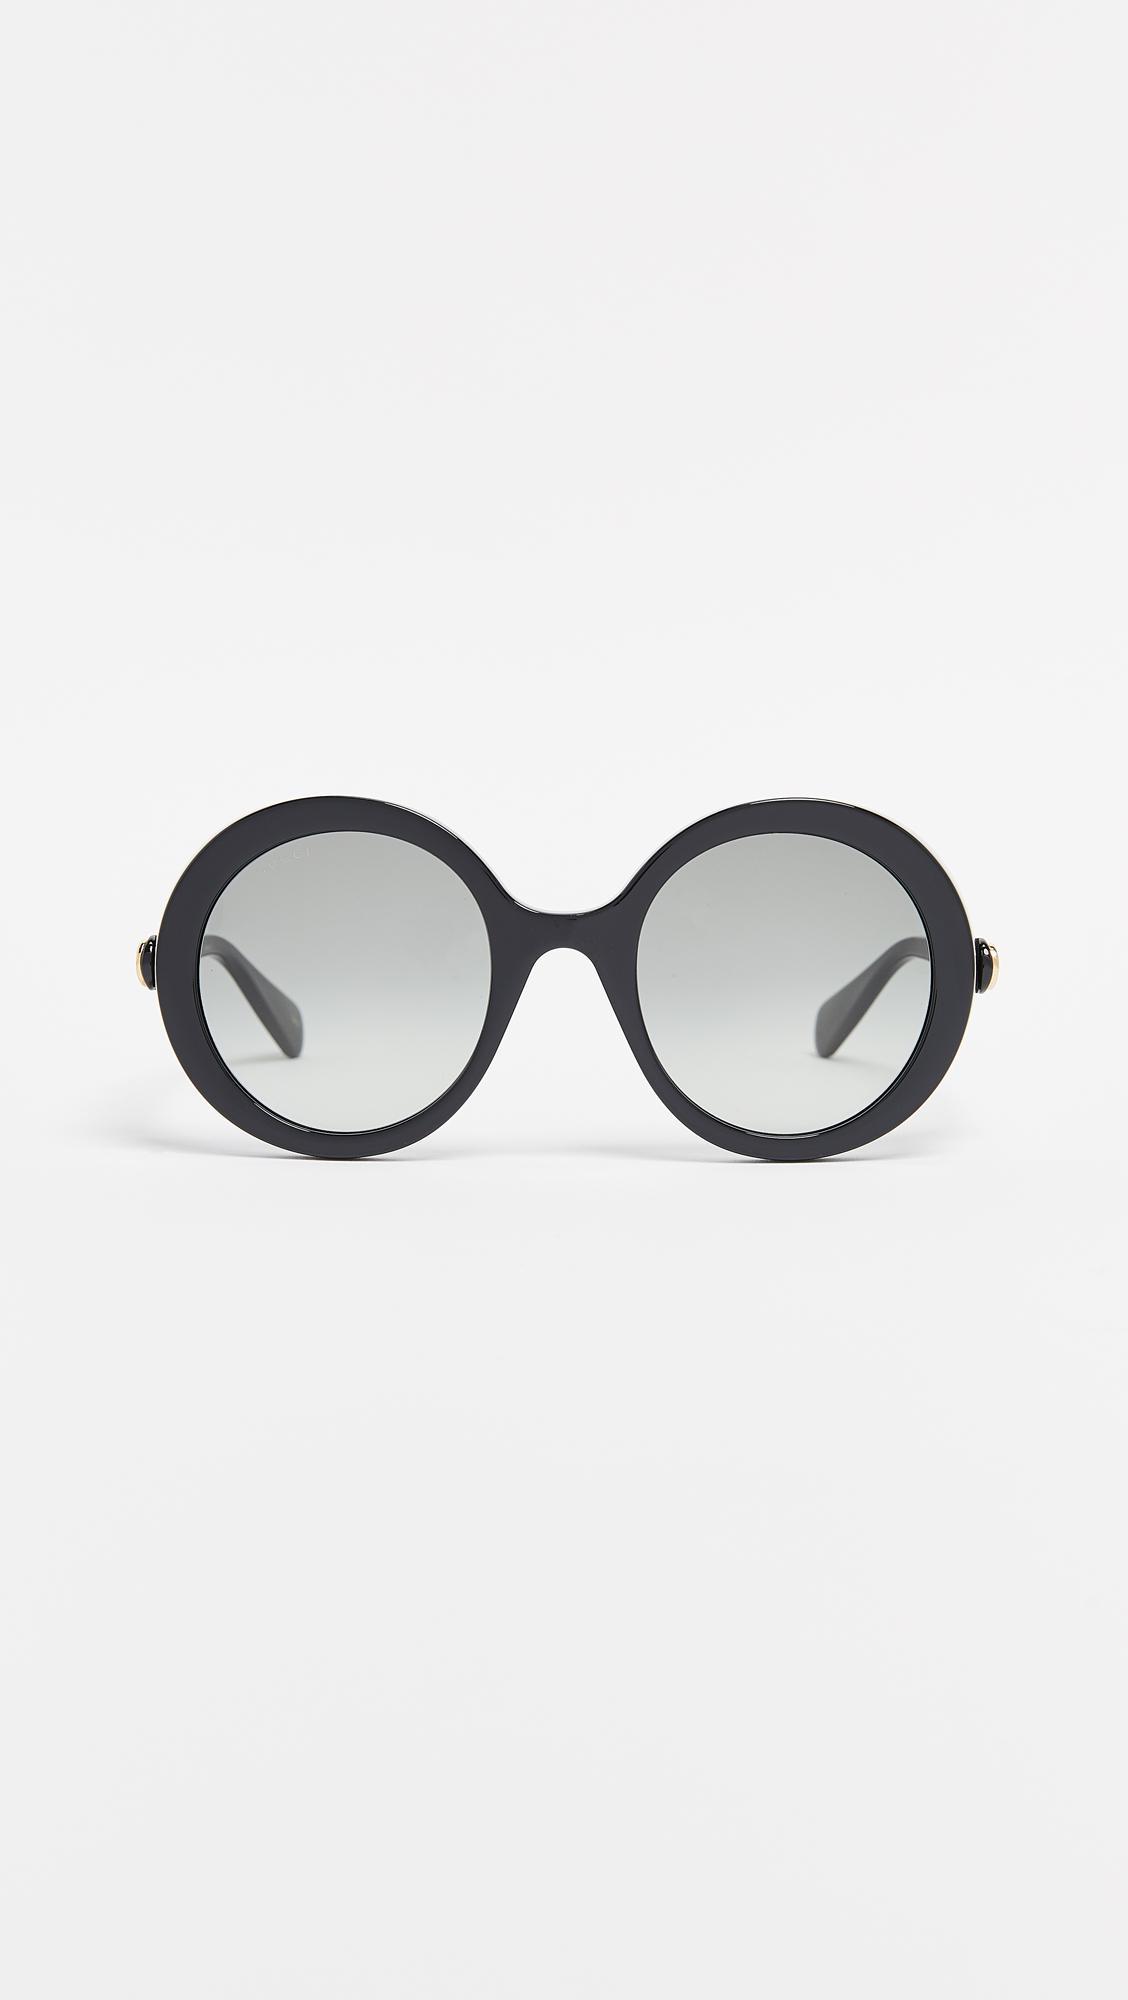 e77f1fcae9f Lyst - Gucci Glamourous Bold Round Sunglasses in Black